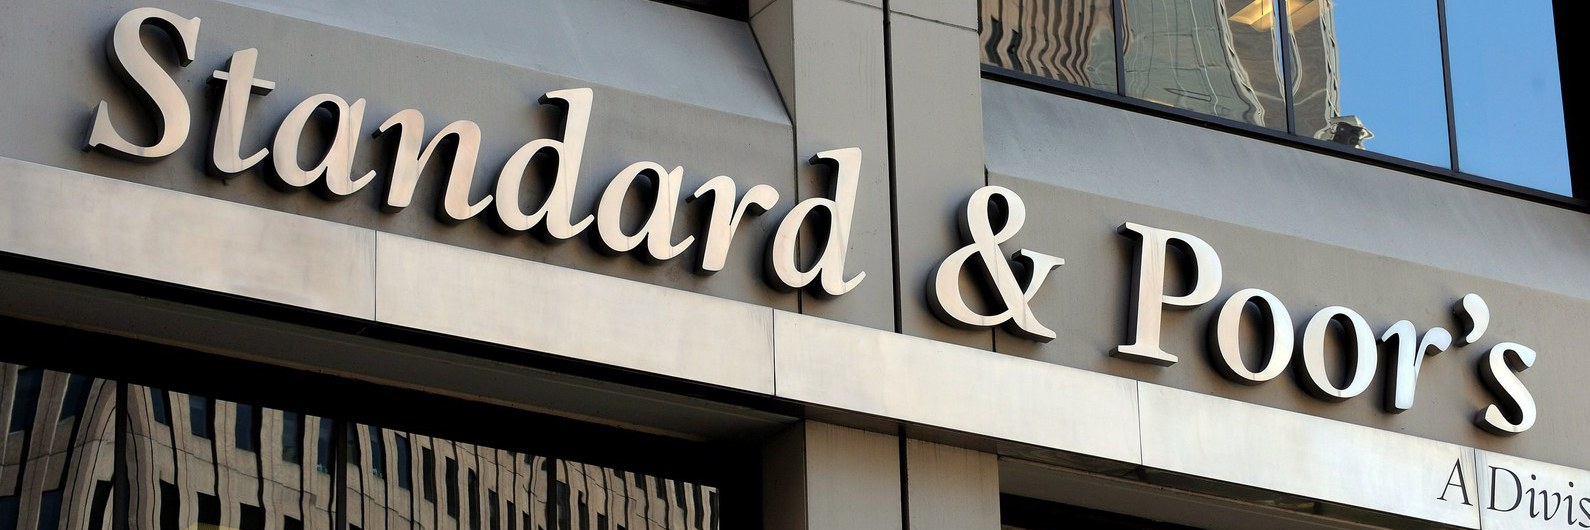 Economia portuguesa continuará a recuperar de modo moderado, prevê a Standard & Poor's